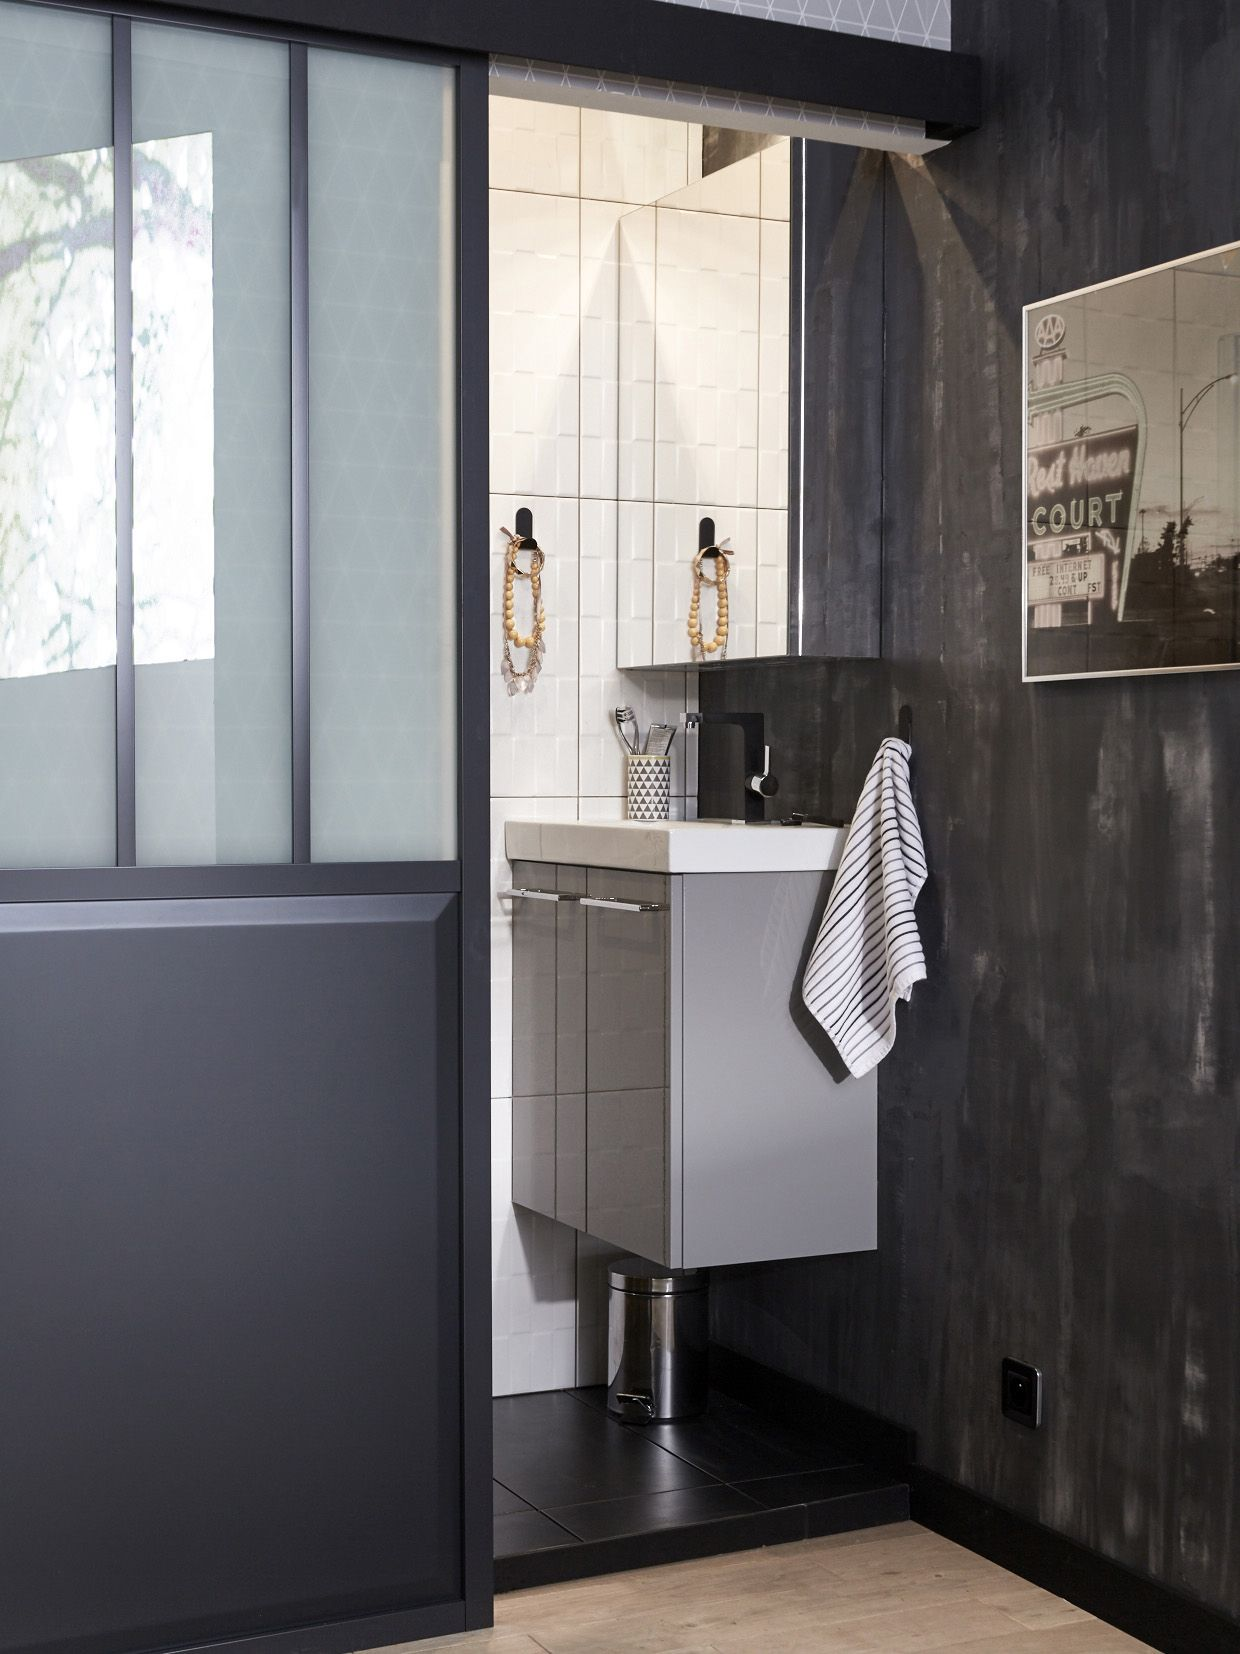 salle de bains compacte et moderne dans une ambiance n o industrielle ferm e par une cloison. Black Bedroom Furniture Sets. Home Design Ideas